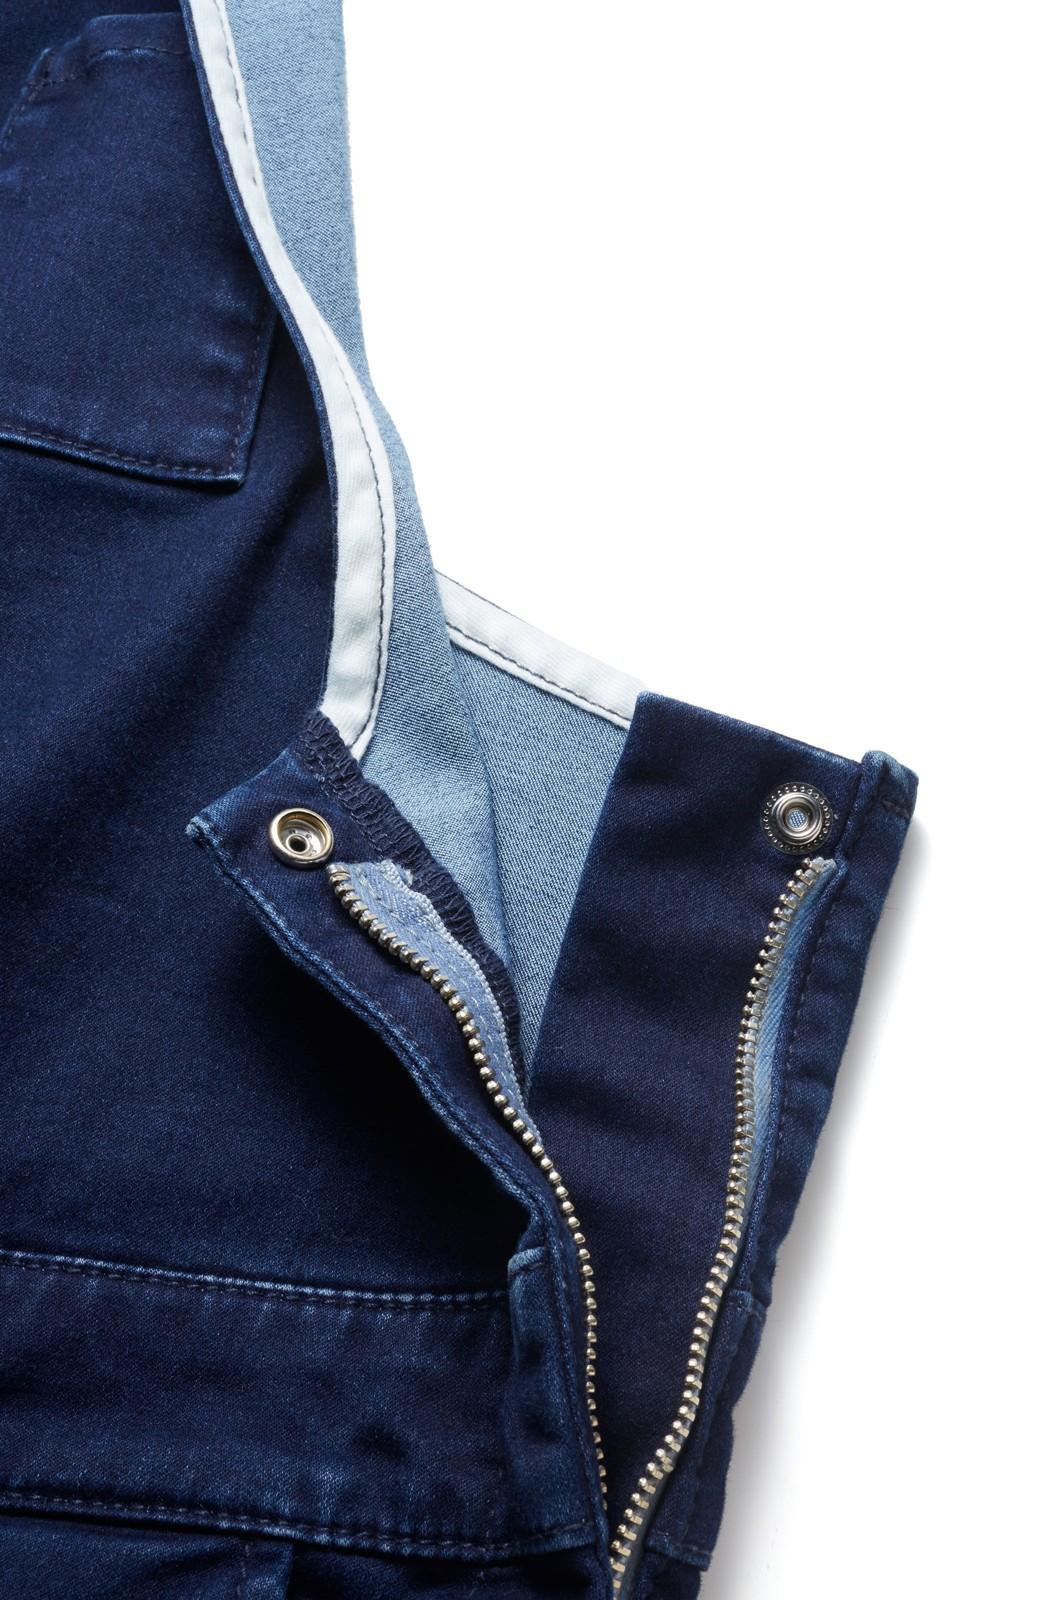 エムトロワ 大人デザインの動きやすいストレッチデニムサロペット <ダークインディゴブルー>の商品写真3